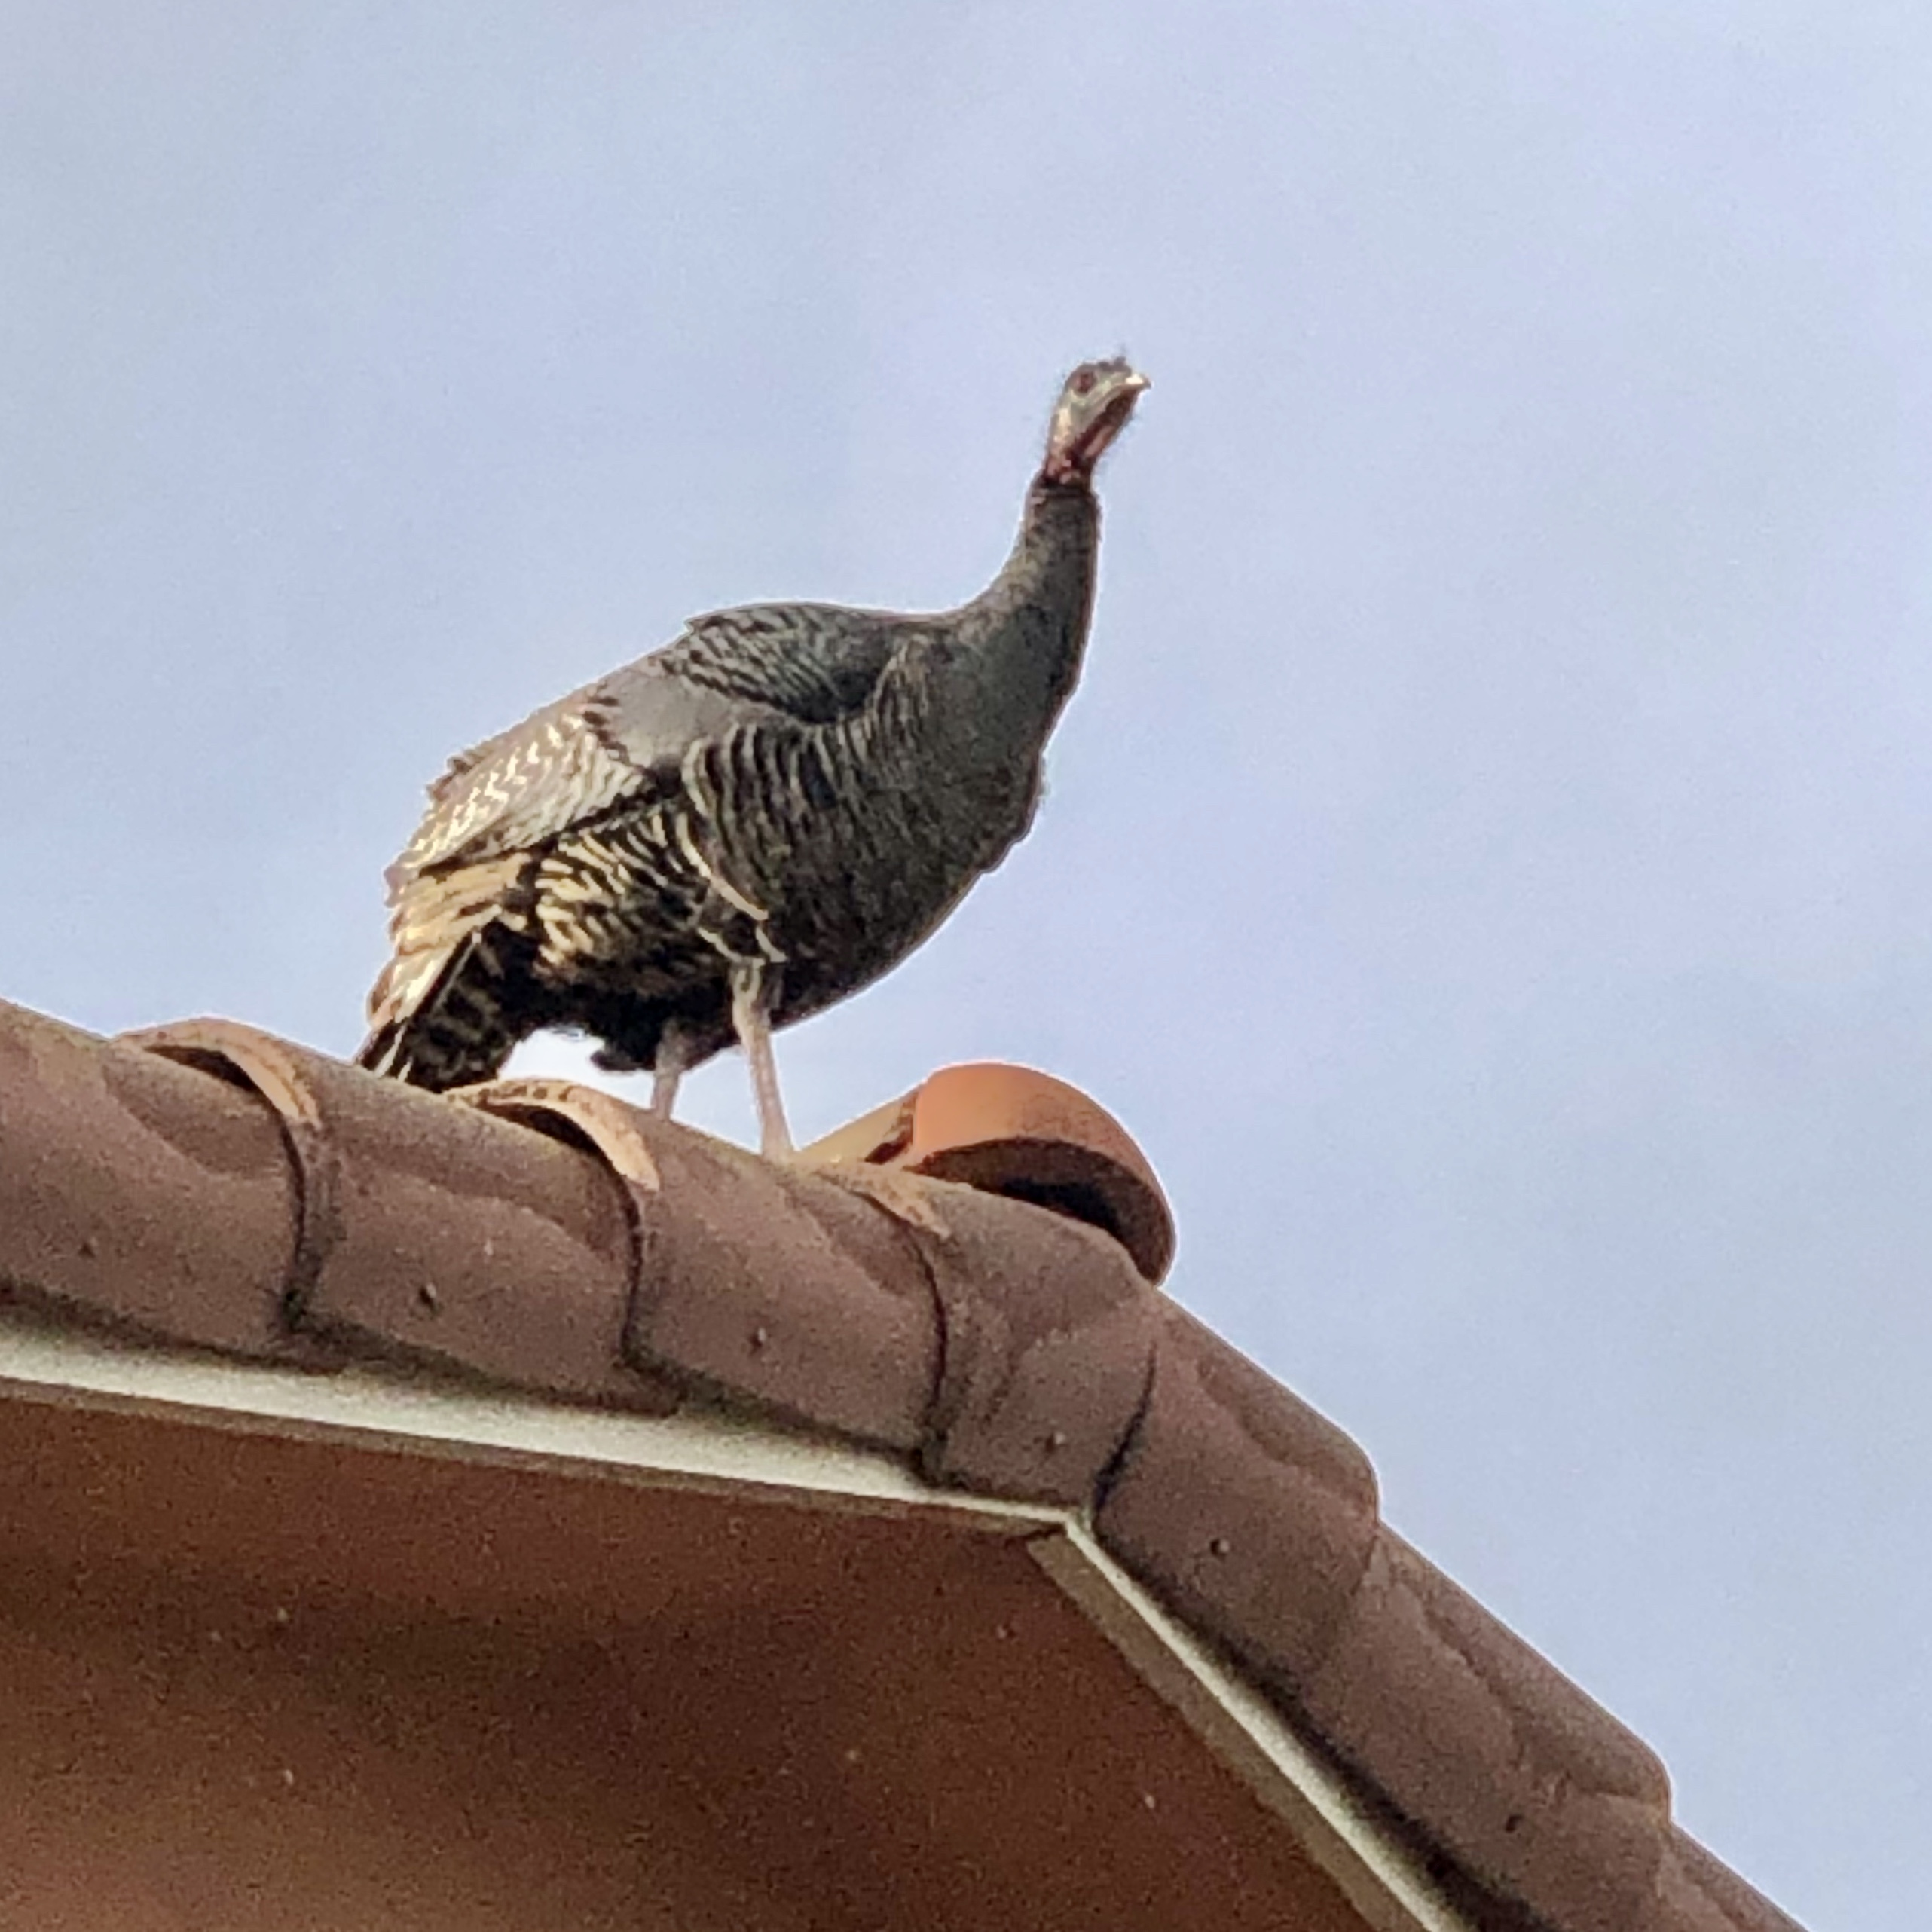 Turkey up on the